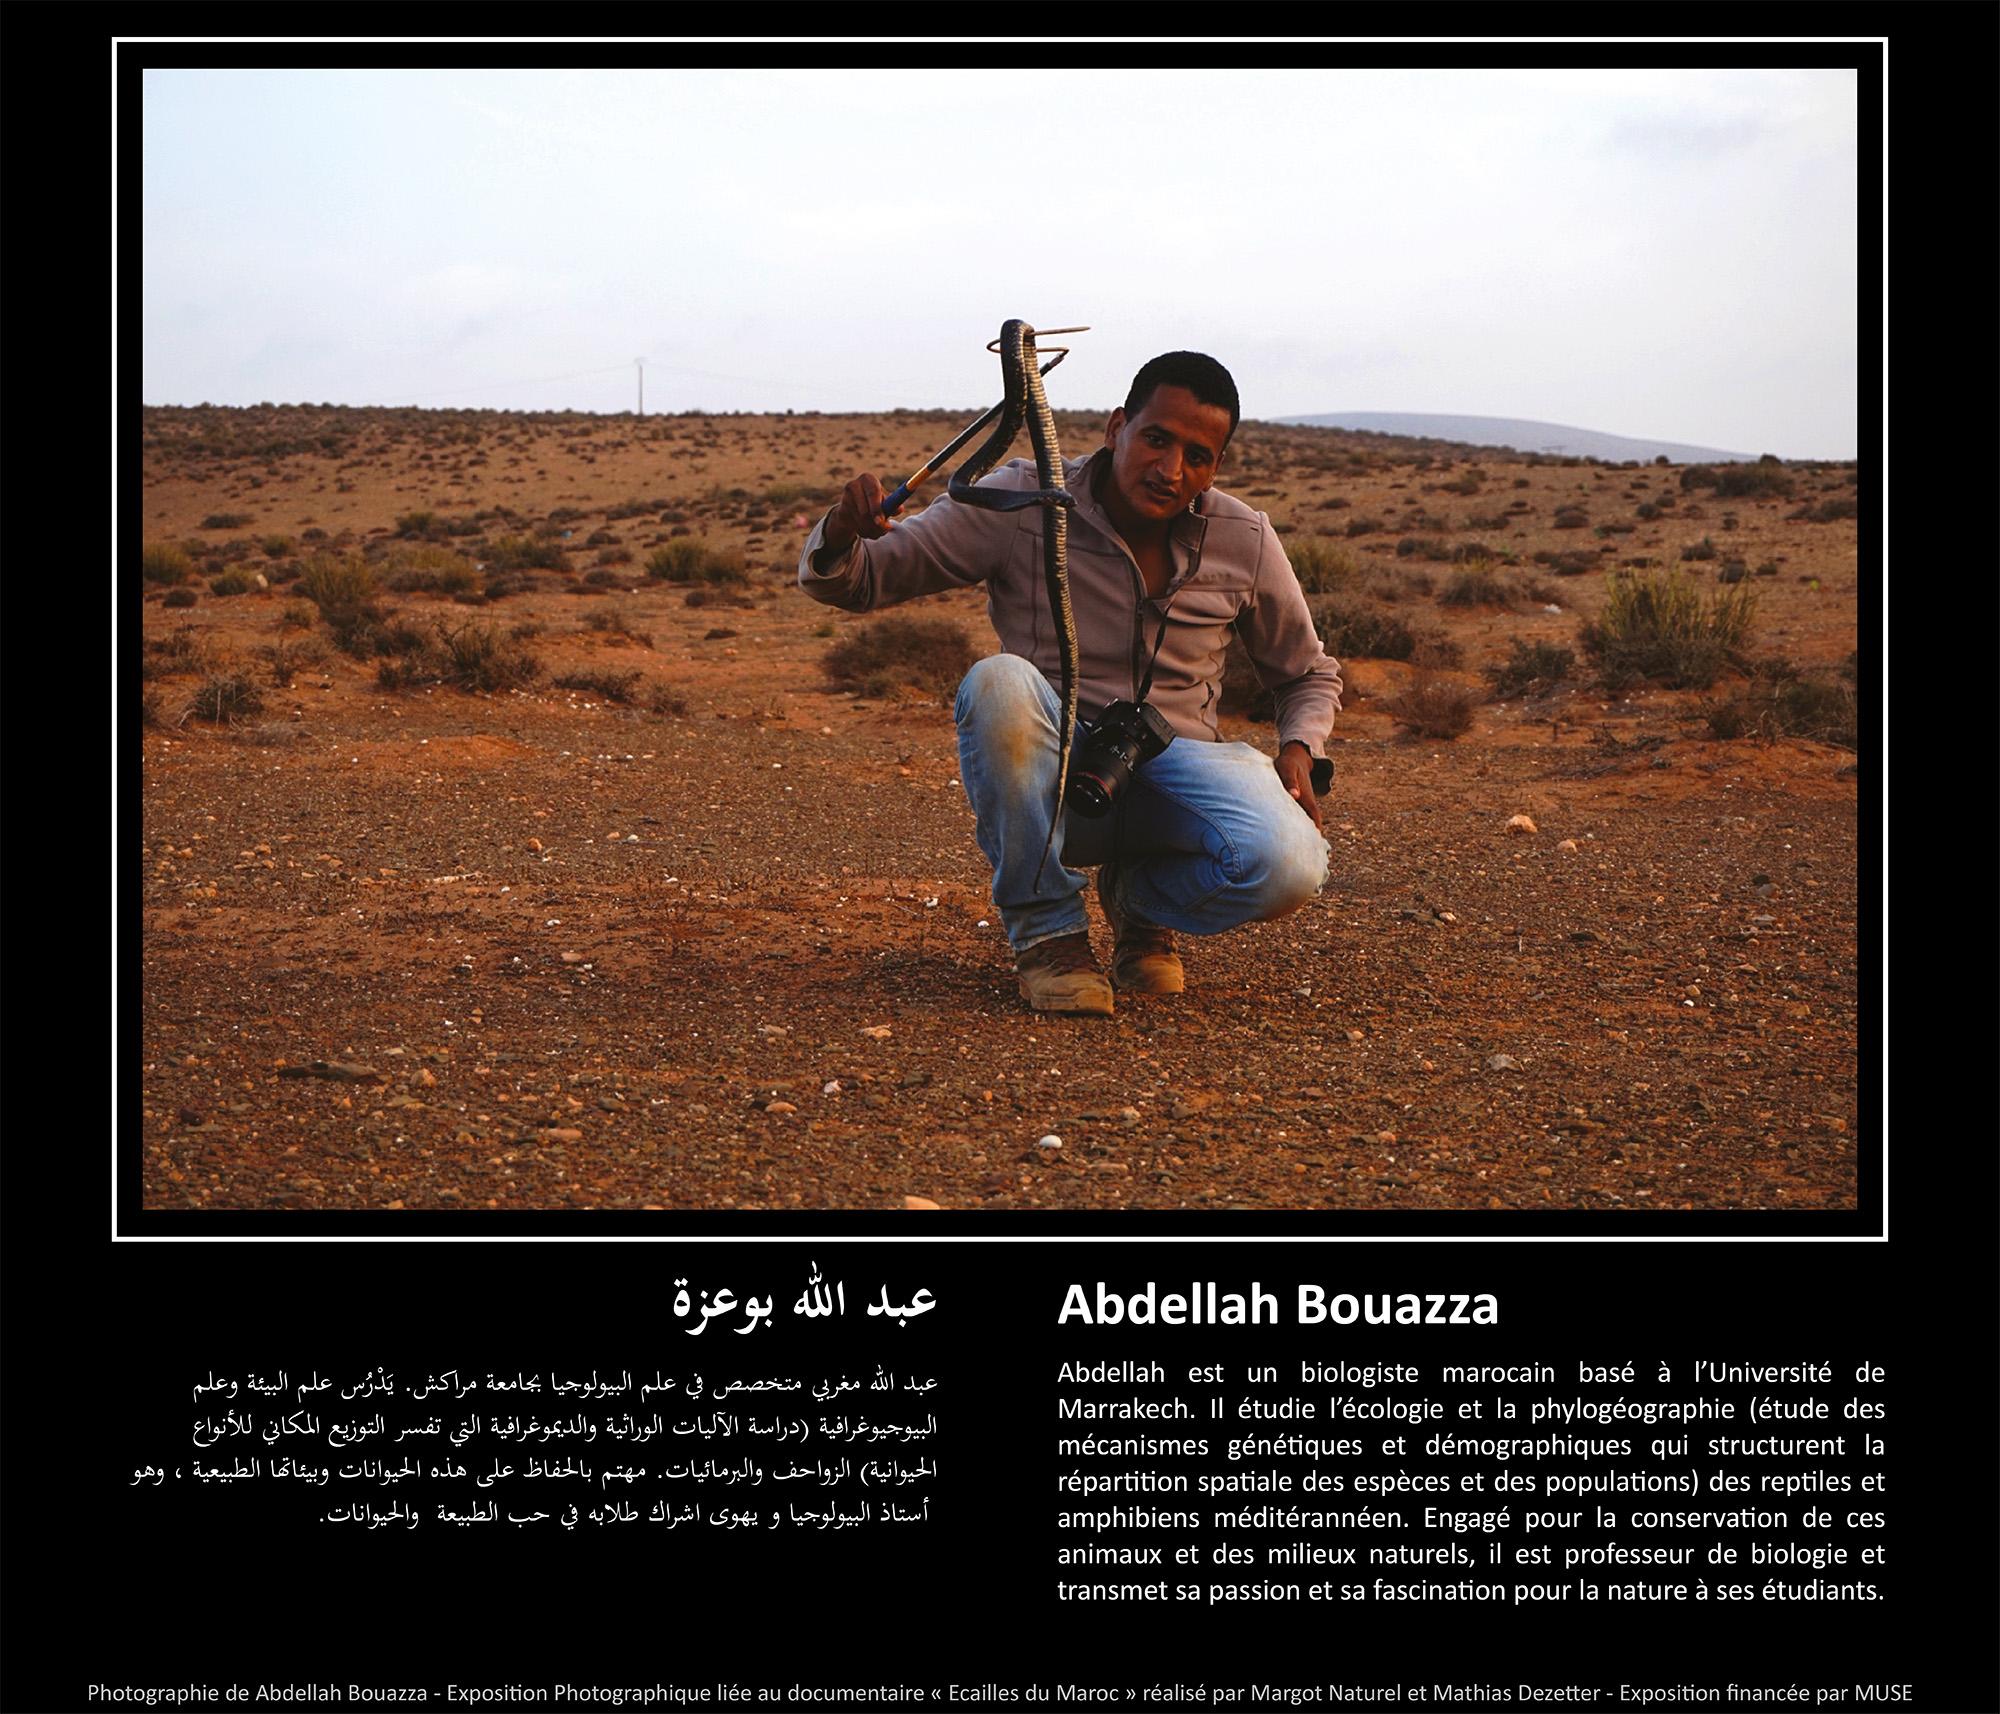 Abdellah Bouazza copie